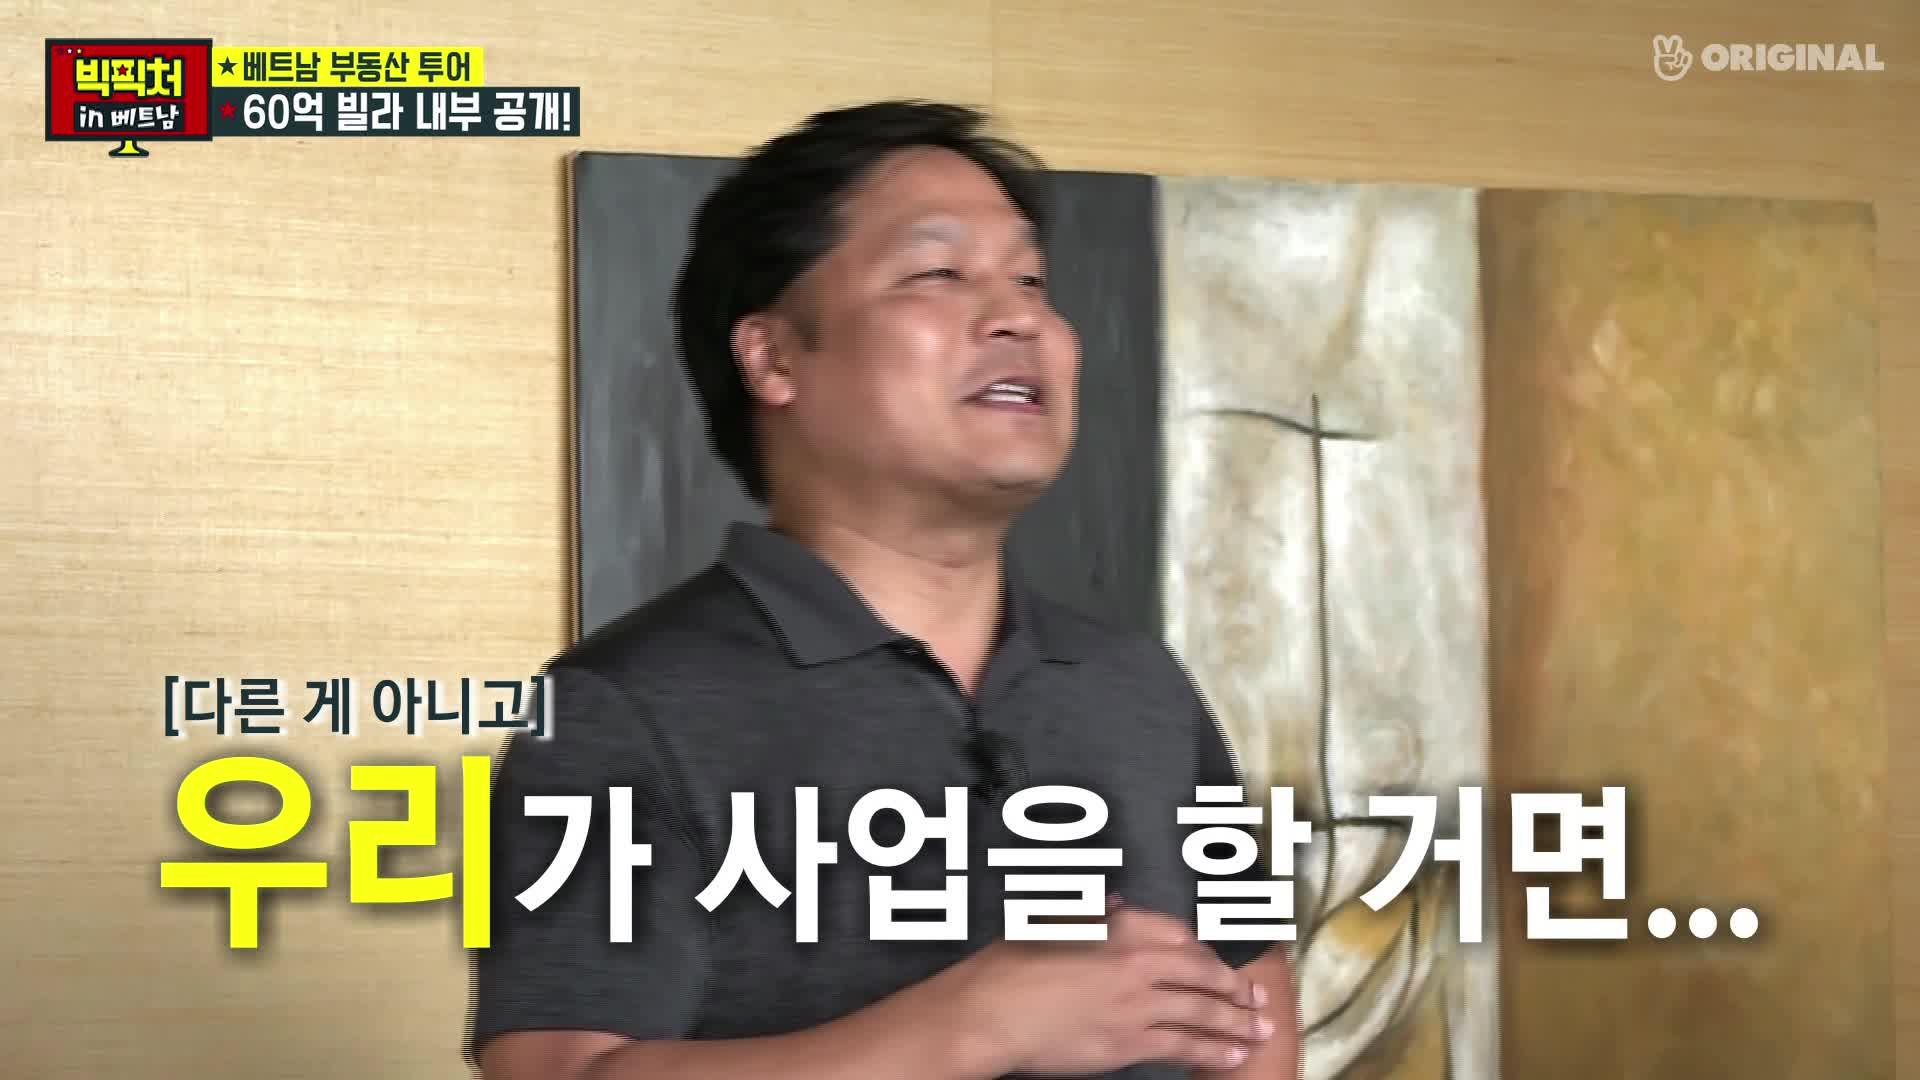 빅픽처 스페셜시즌 EP47_401리조트의 꿈, 이대로 안녕?!